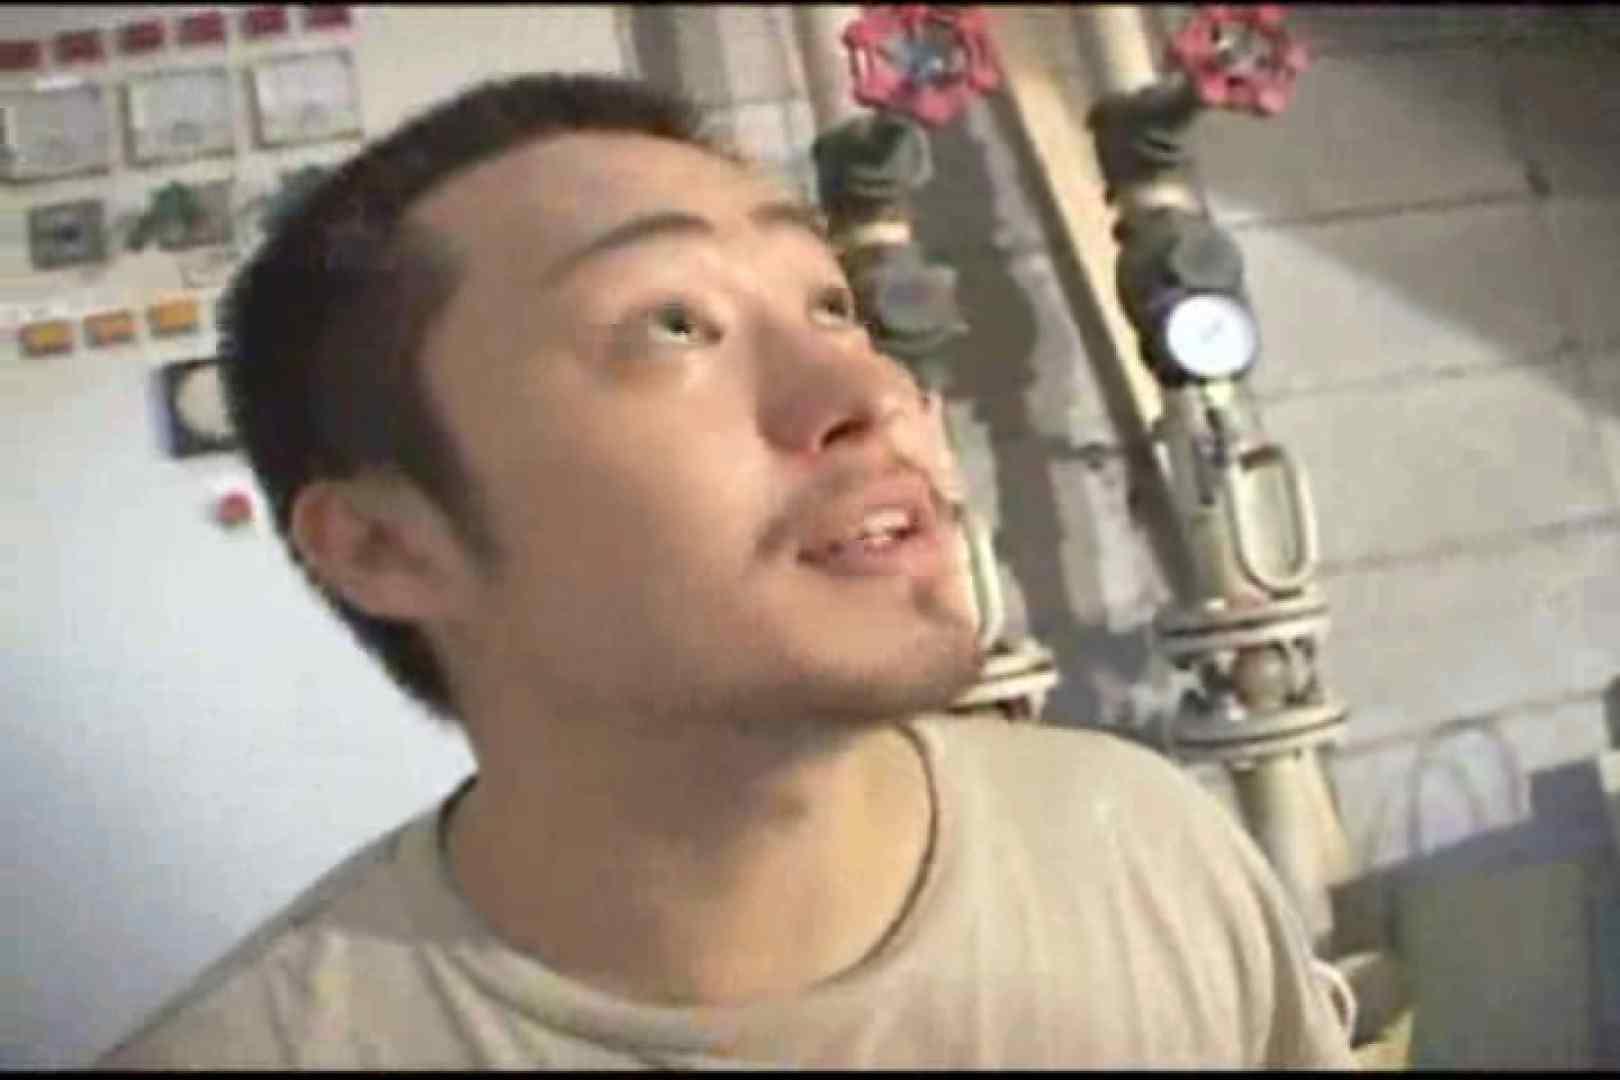 機械室で体育会系男子を手コキ&フェラ!! オナニー ゲイフリーエロ画像 96pic 3